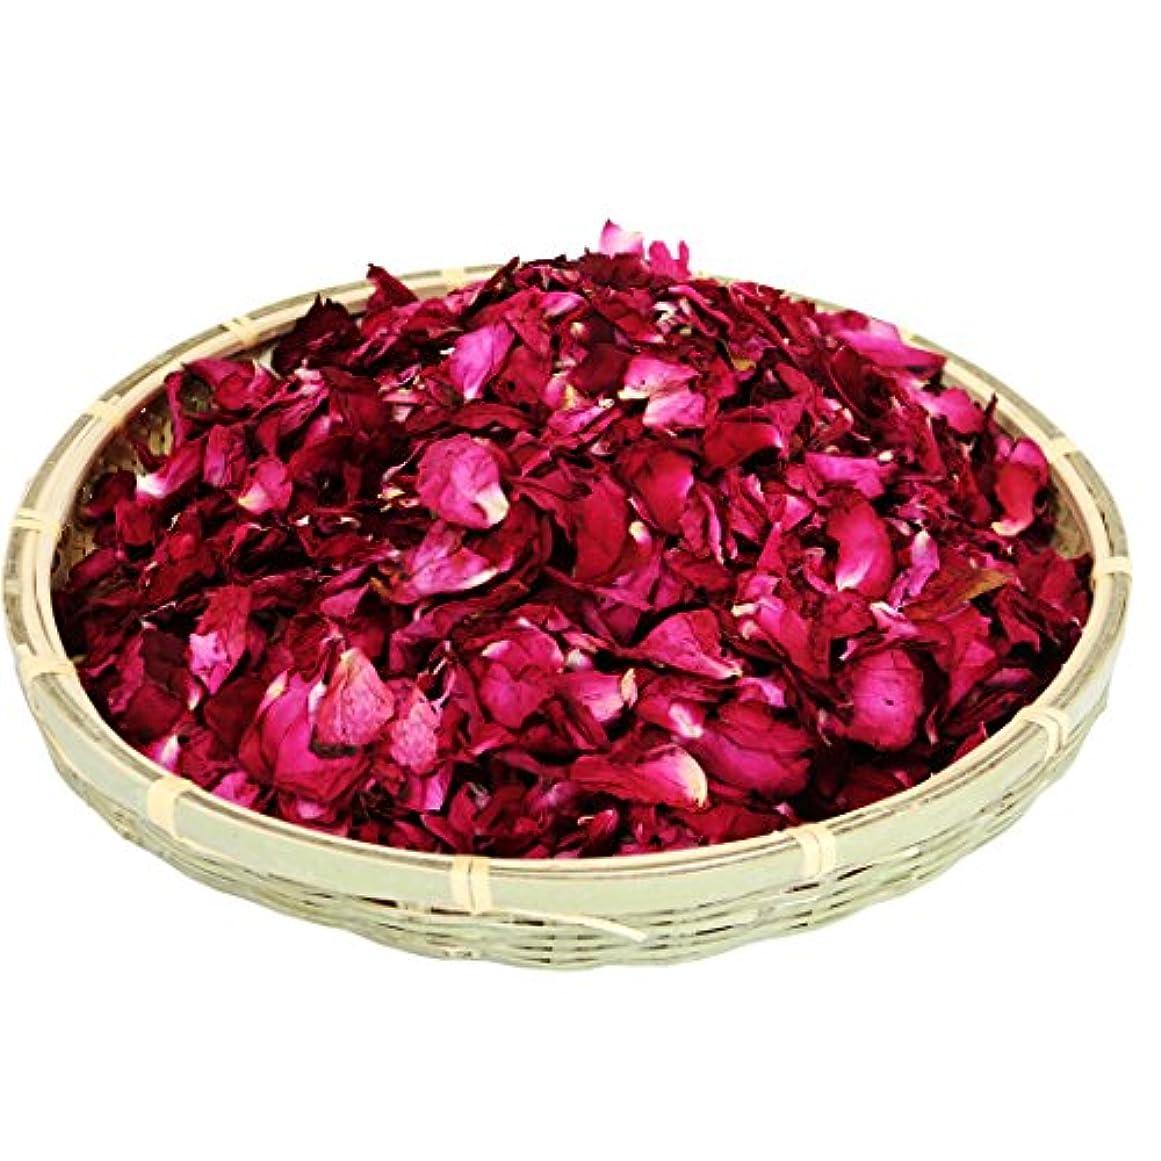 農民思慮深い不格好Gbcyan 乾燥した天然の赤いバラの花びら ウェディングパーティーのデコレーションに 結婚式のテーブル 紙吹雪のポット 花びら ギフトボックスの詰め物 ボディウォッシュ フットウォッシュ ロマンチックな夜 ポプリ お風呂の塩